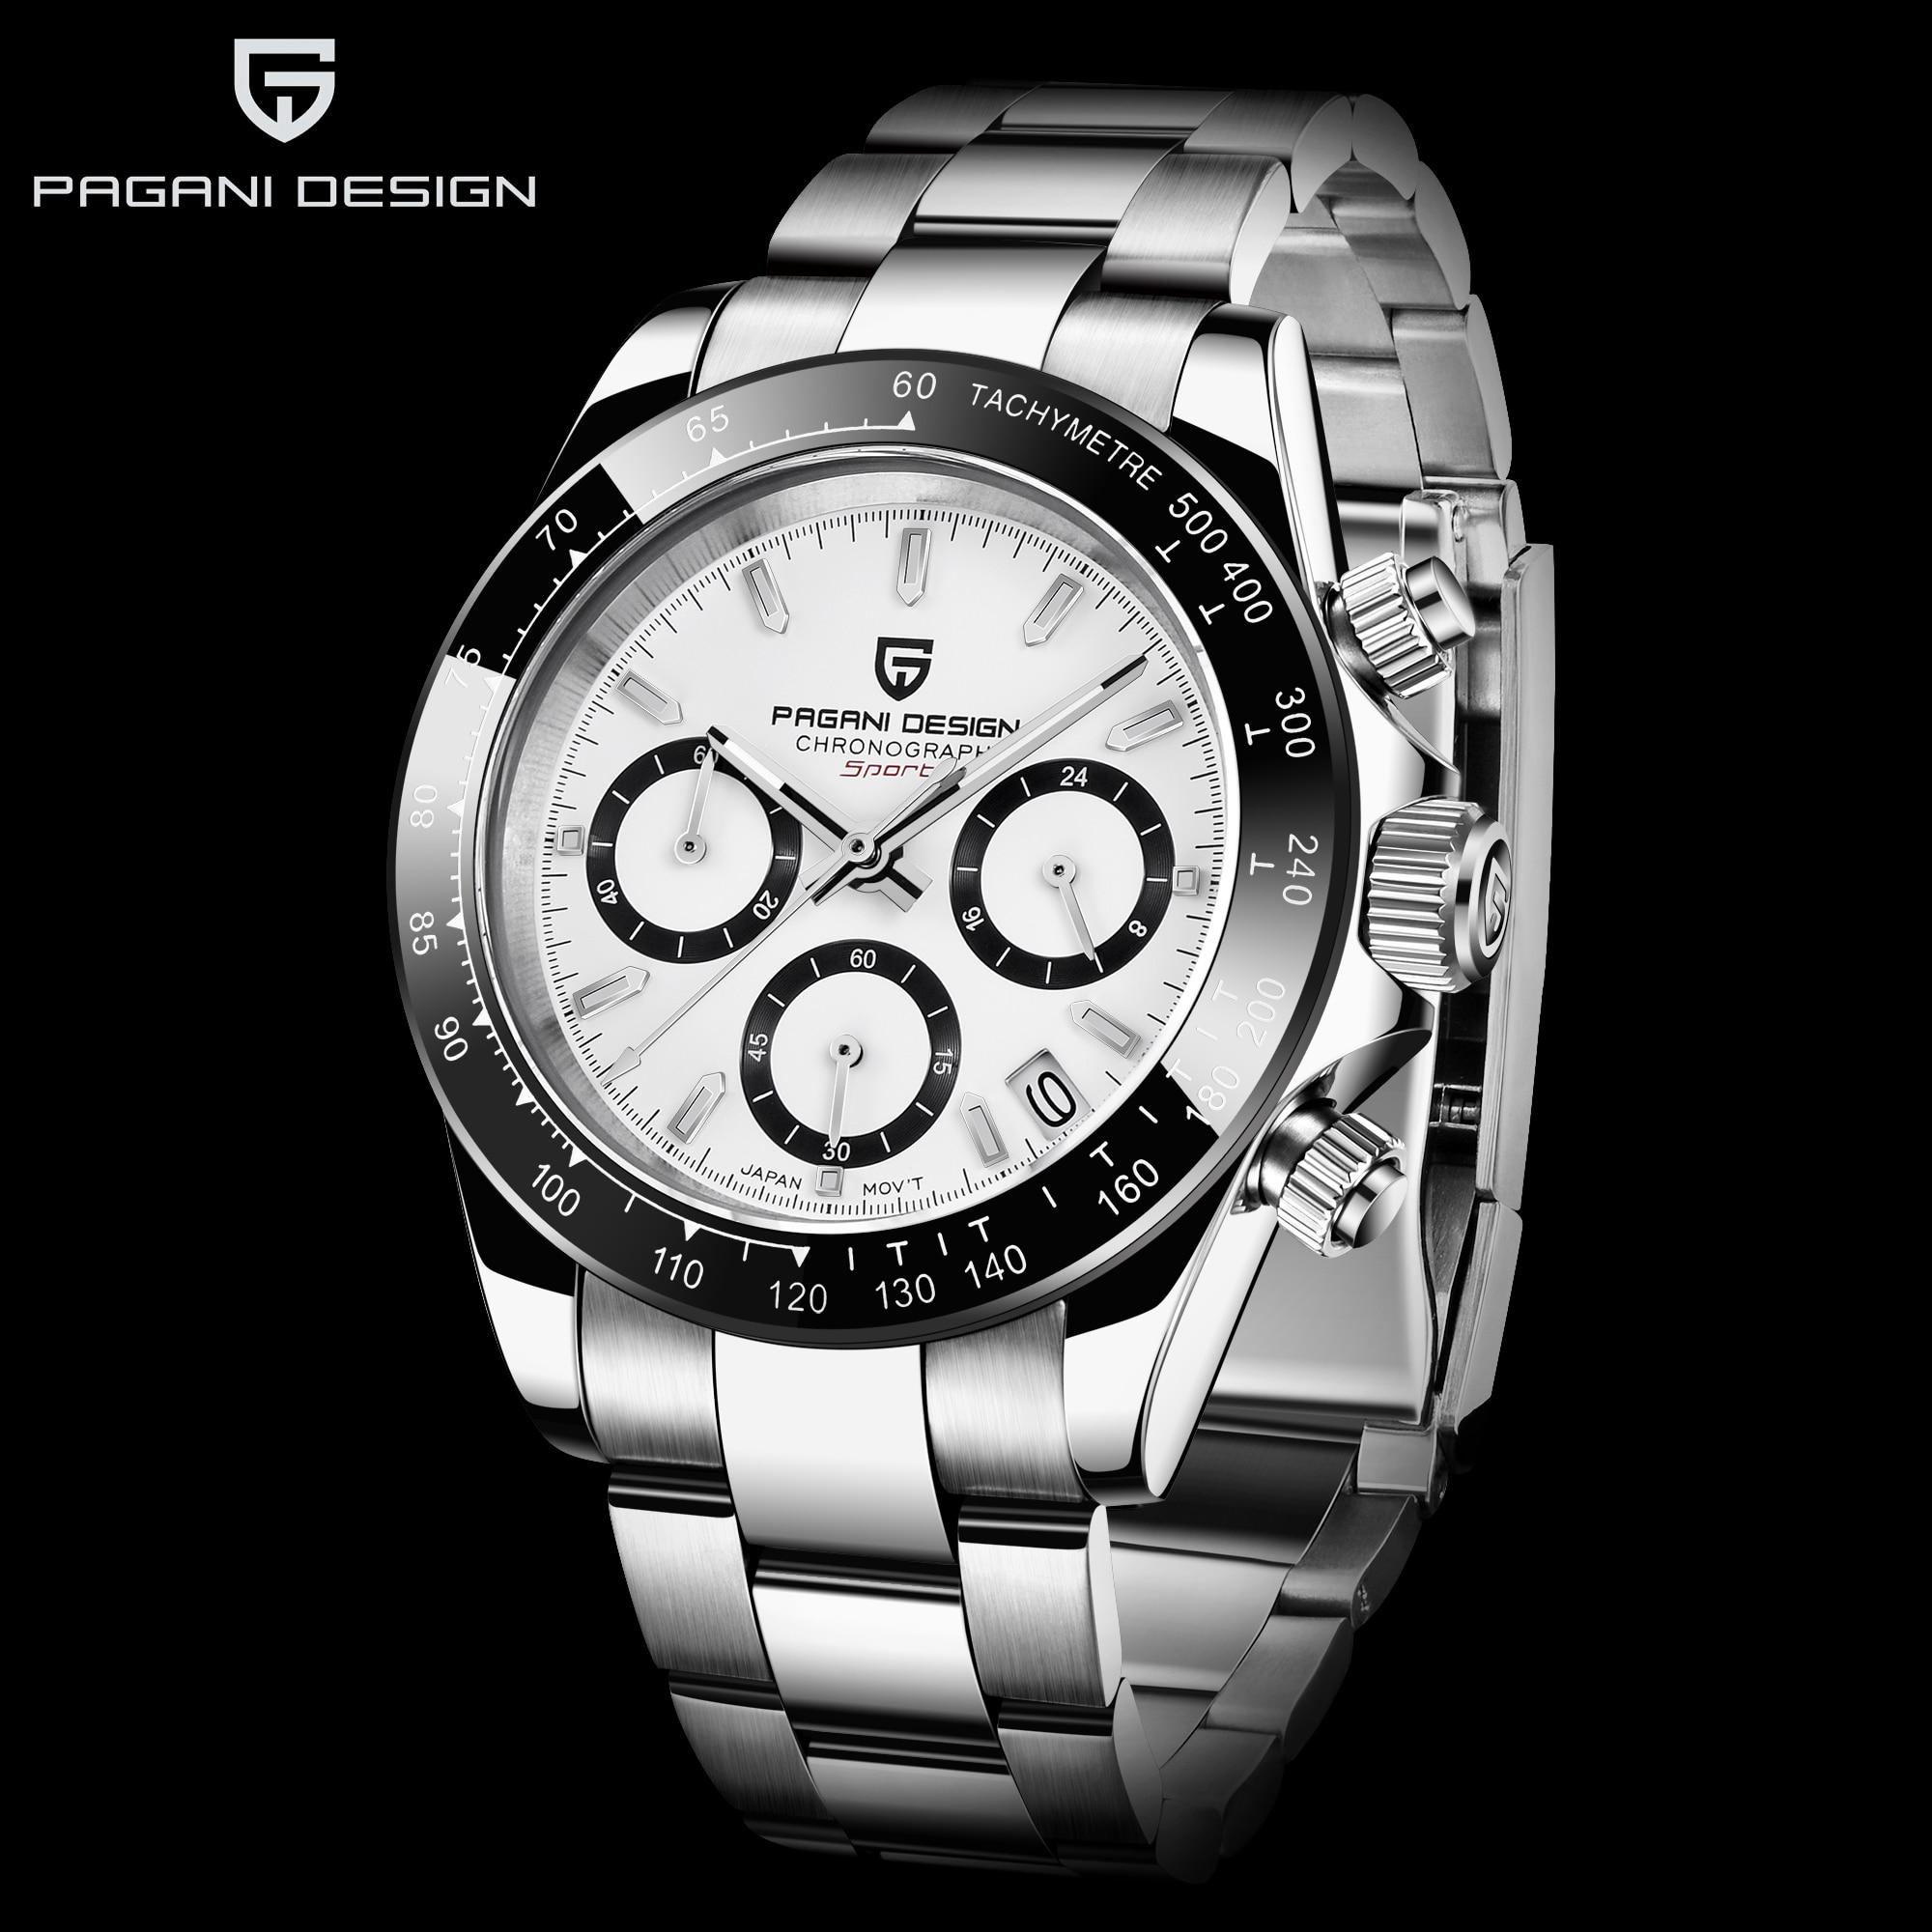 Pagani design 2019 relógio de quartzo marca superior relógio de luxo masculino à prova dwaterproof água esportes relogio masculino